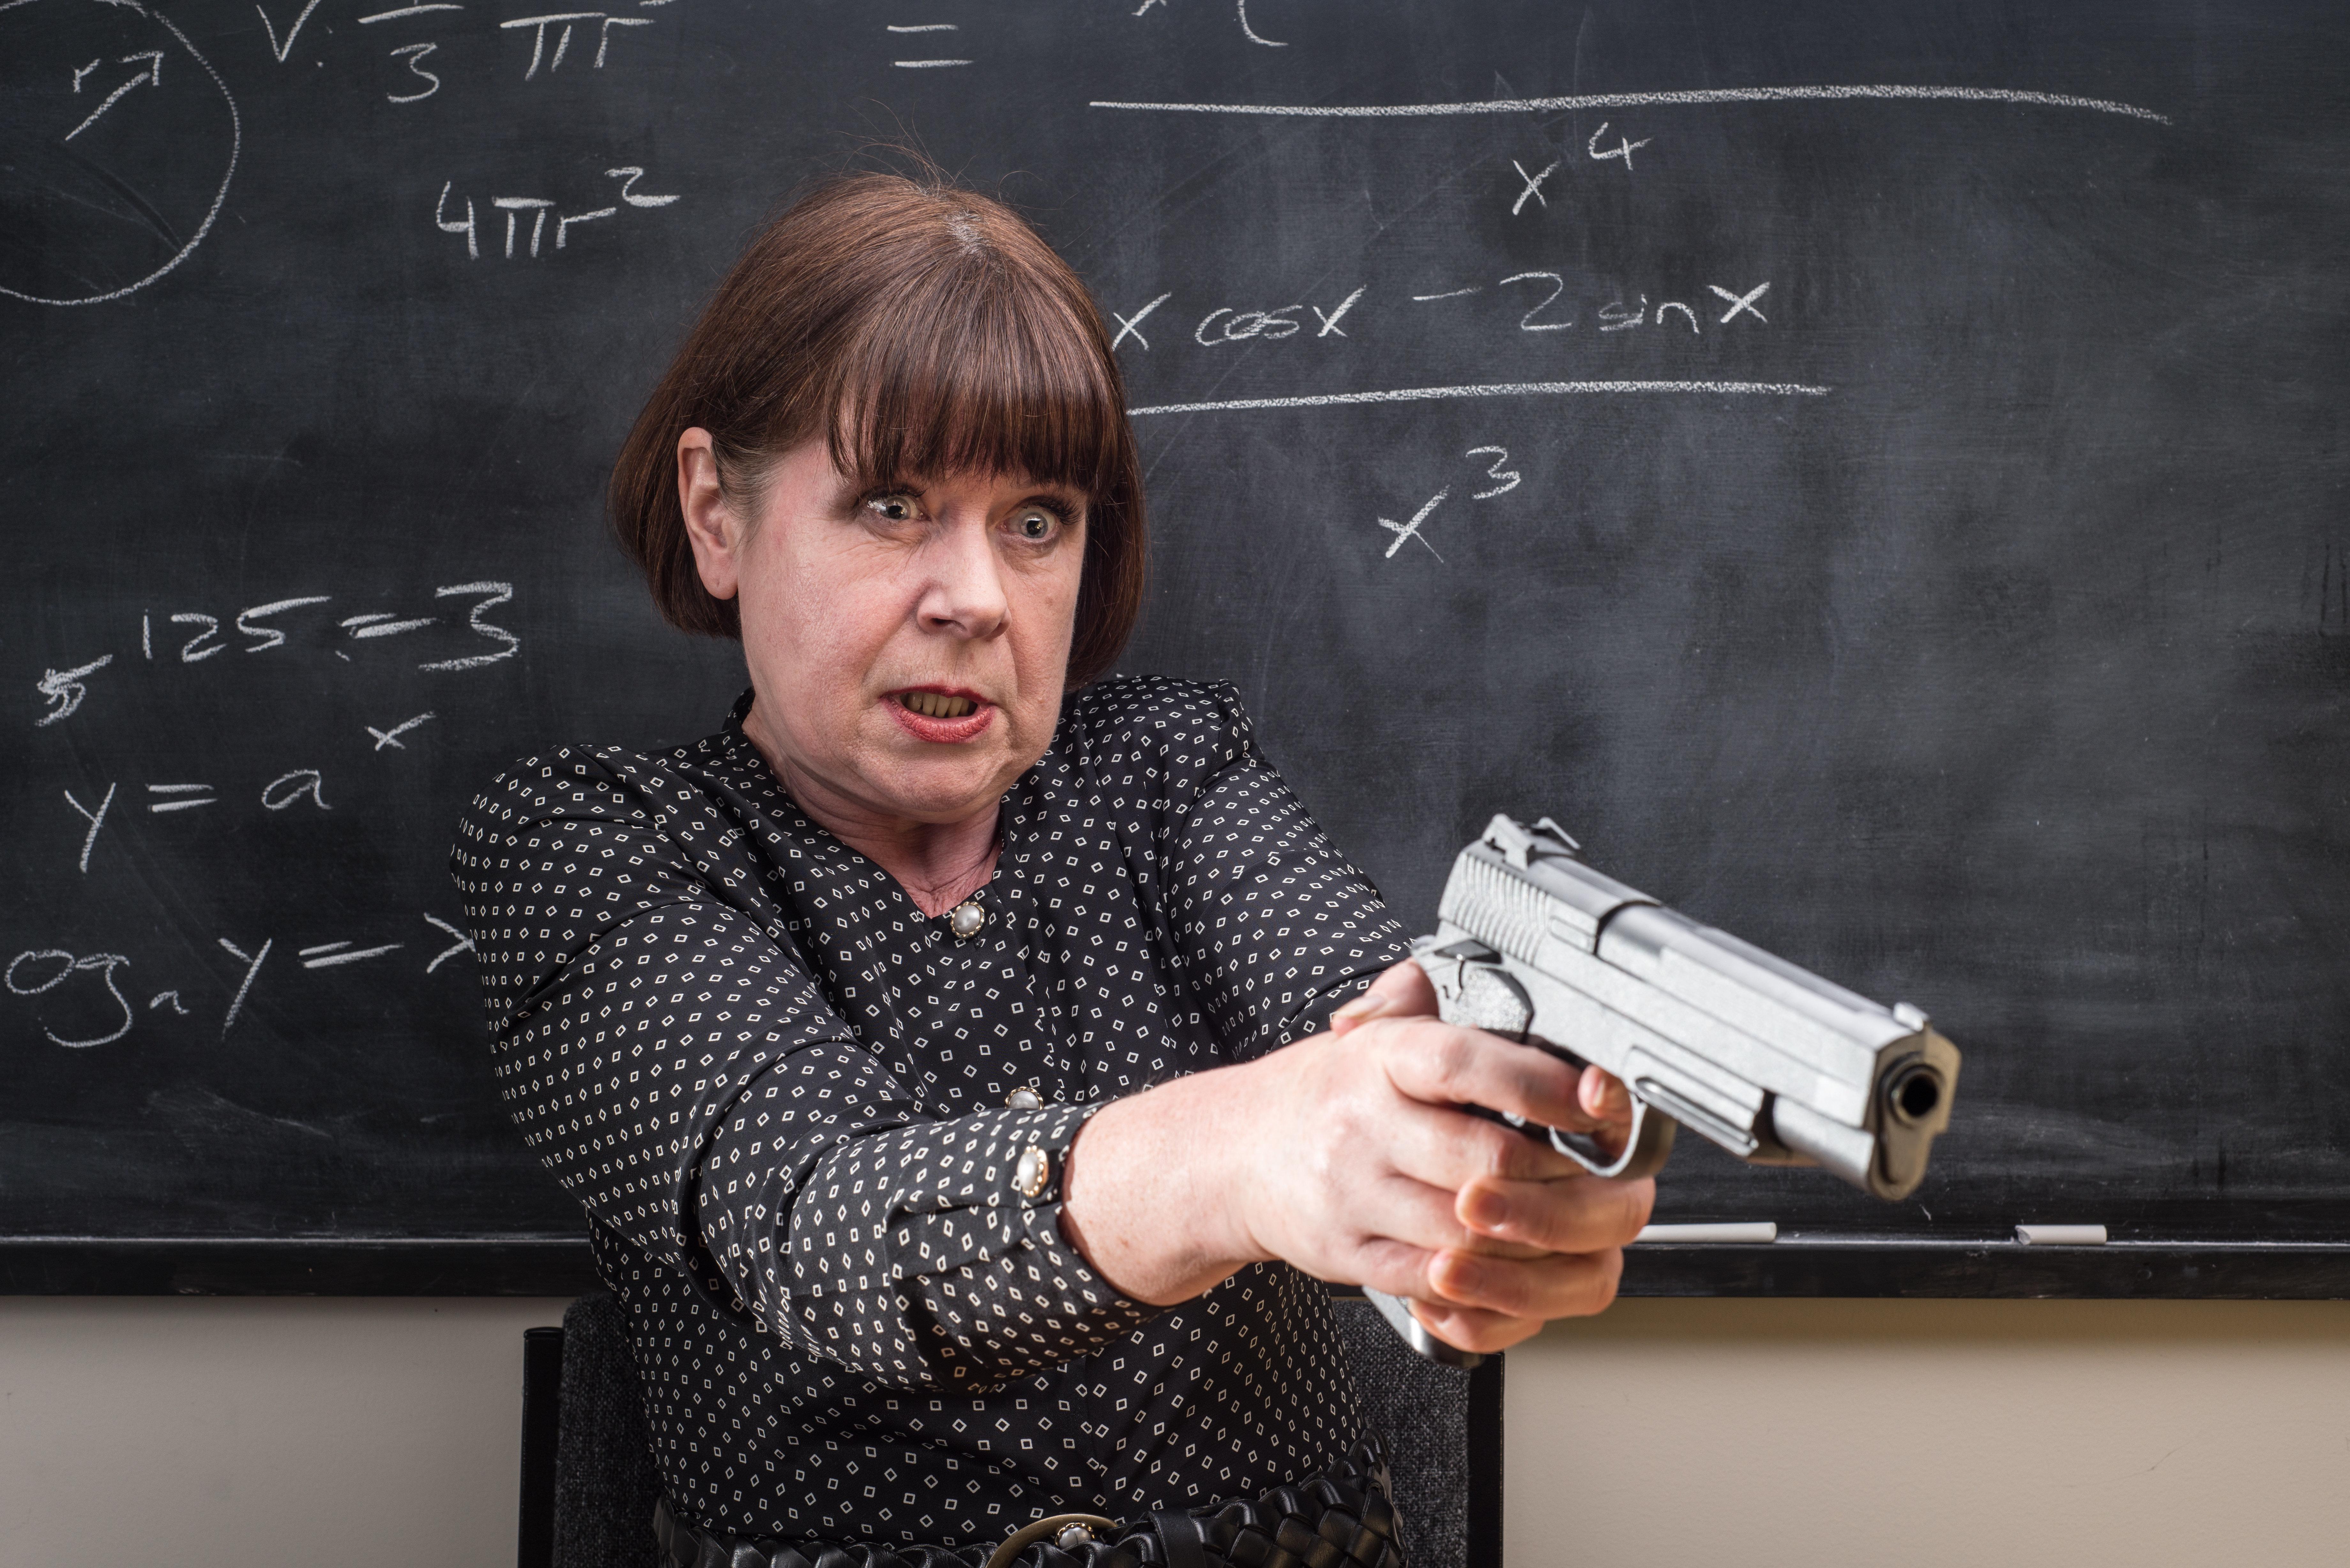 미국 플로리다 주가 '교사의 총기 무장'을 허용하기로